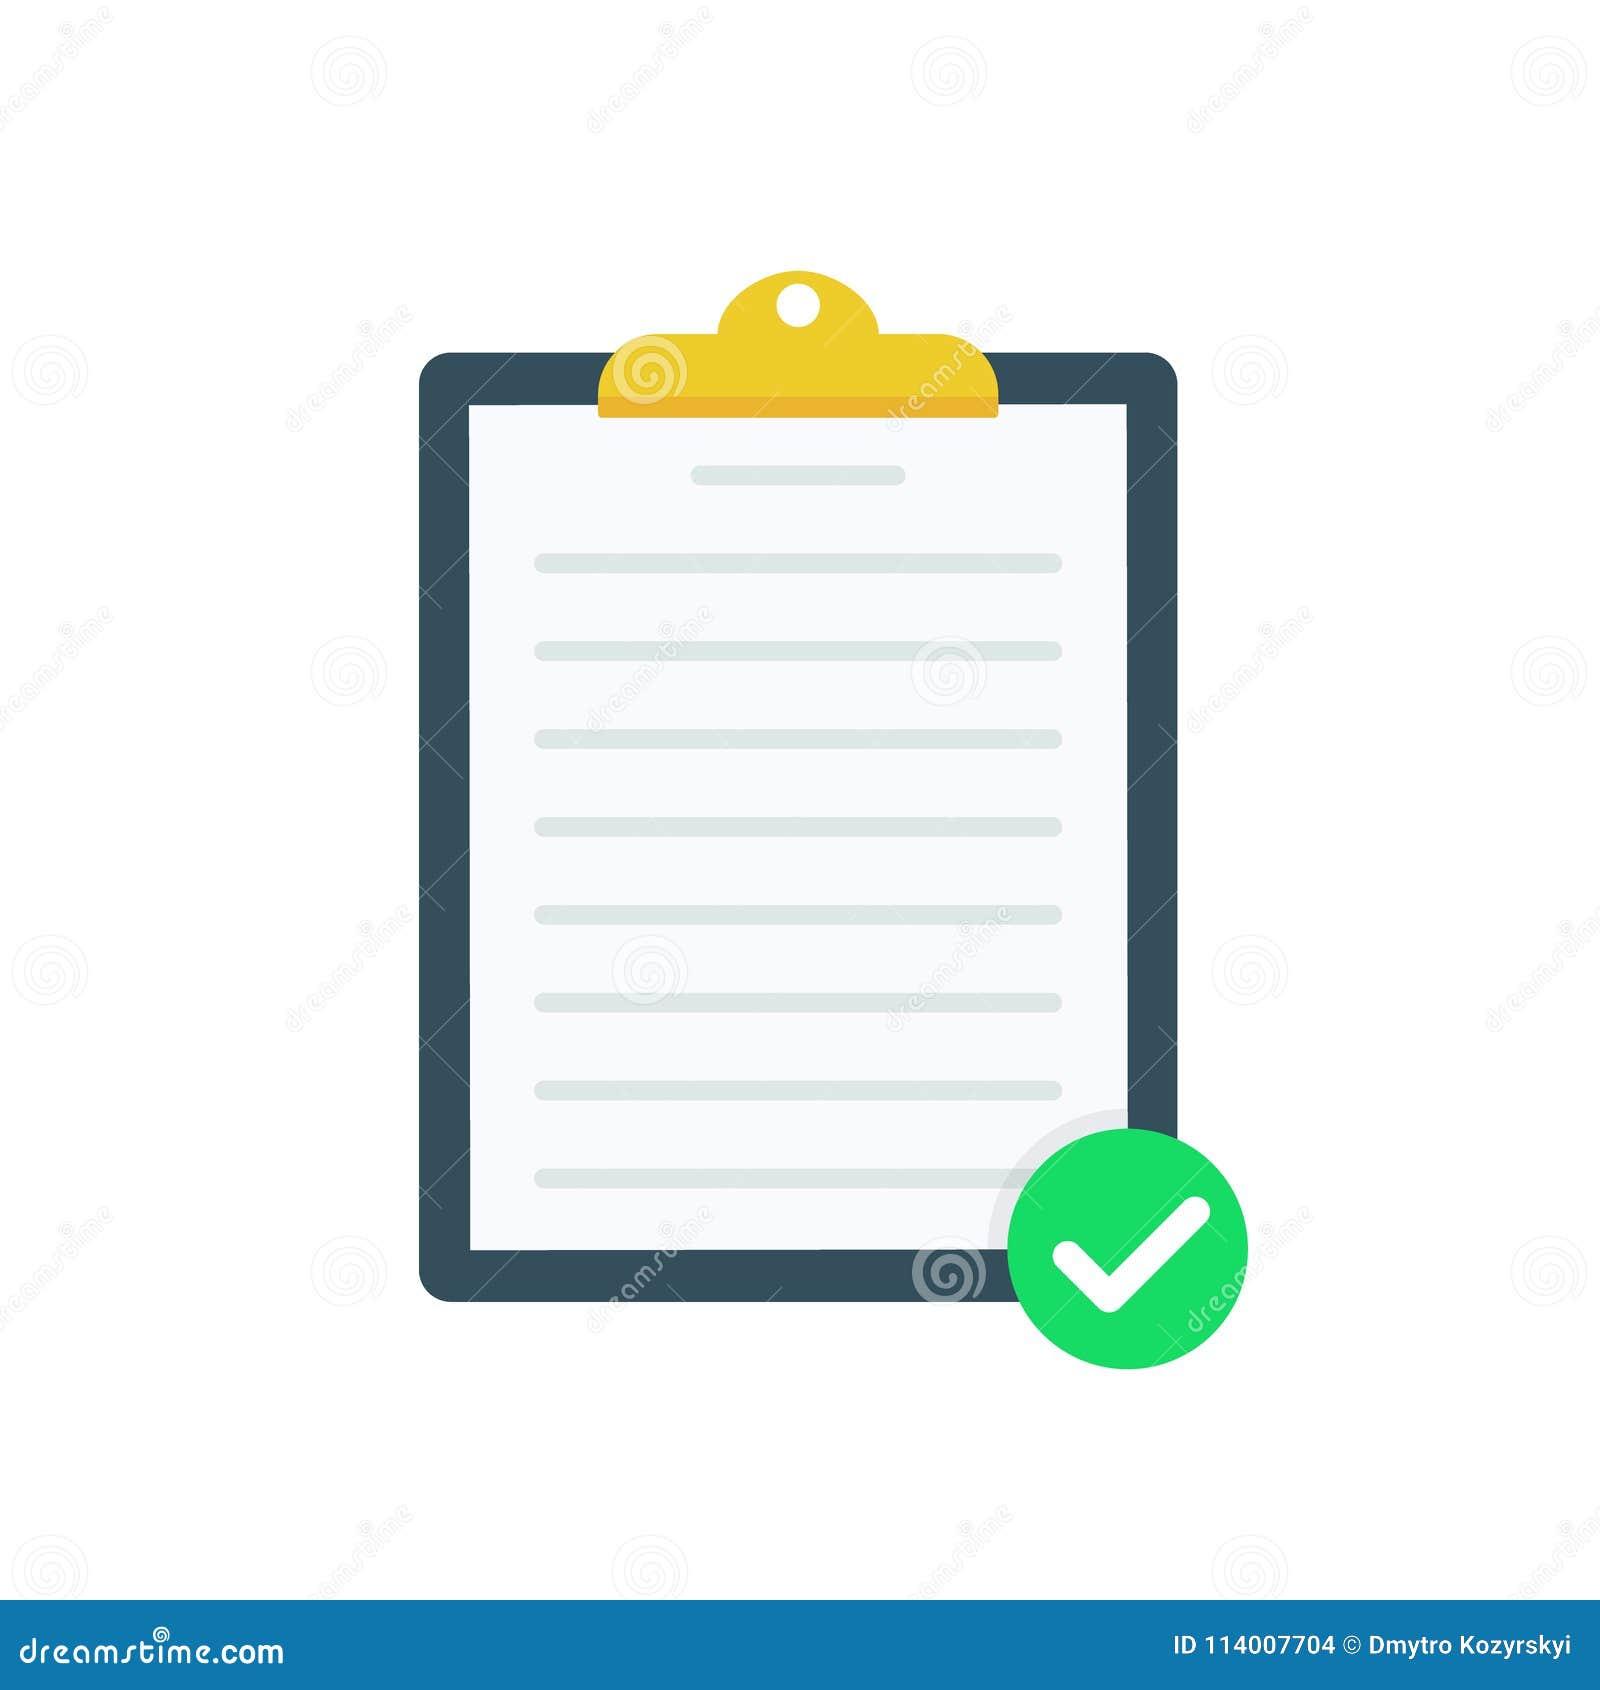 86969e73eca7 Clipboard With Green Tick Checkmarks. Checklist